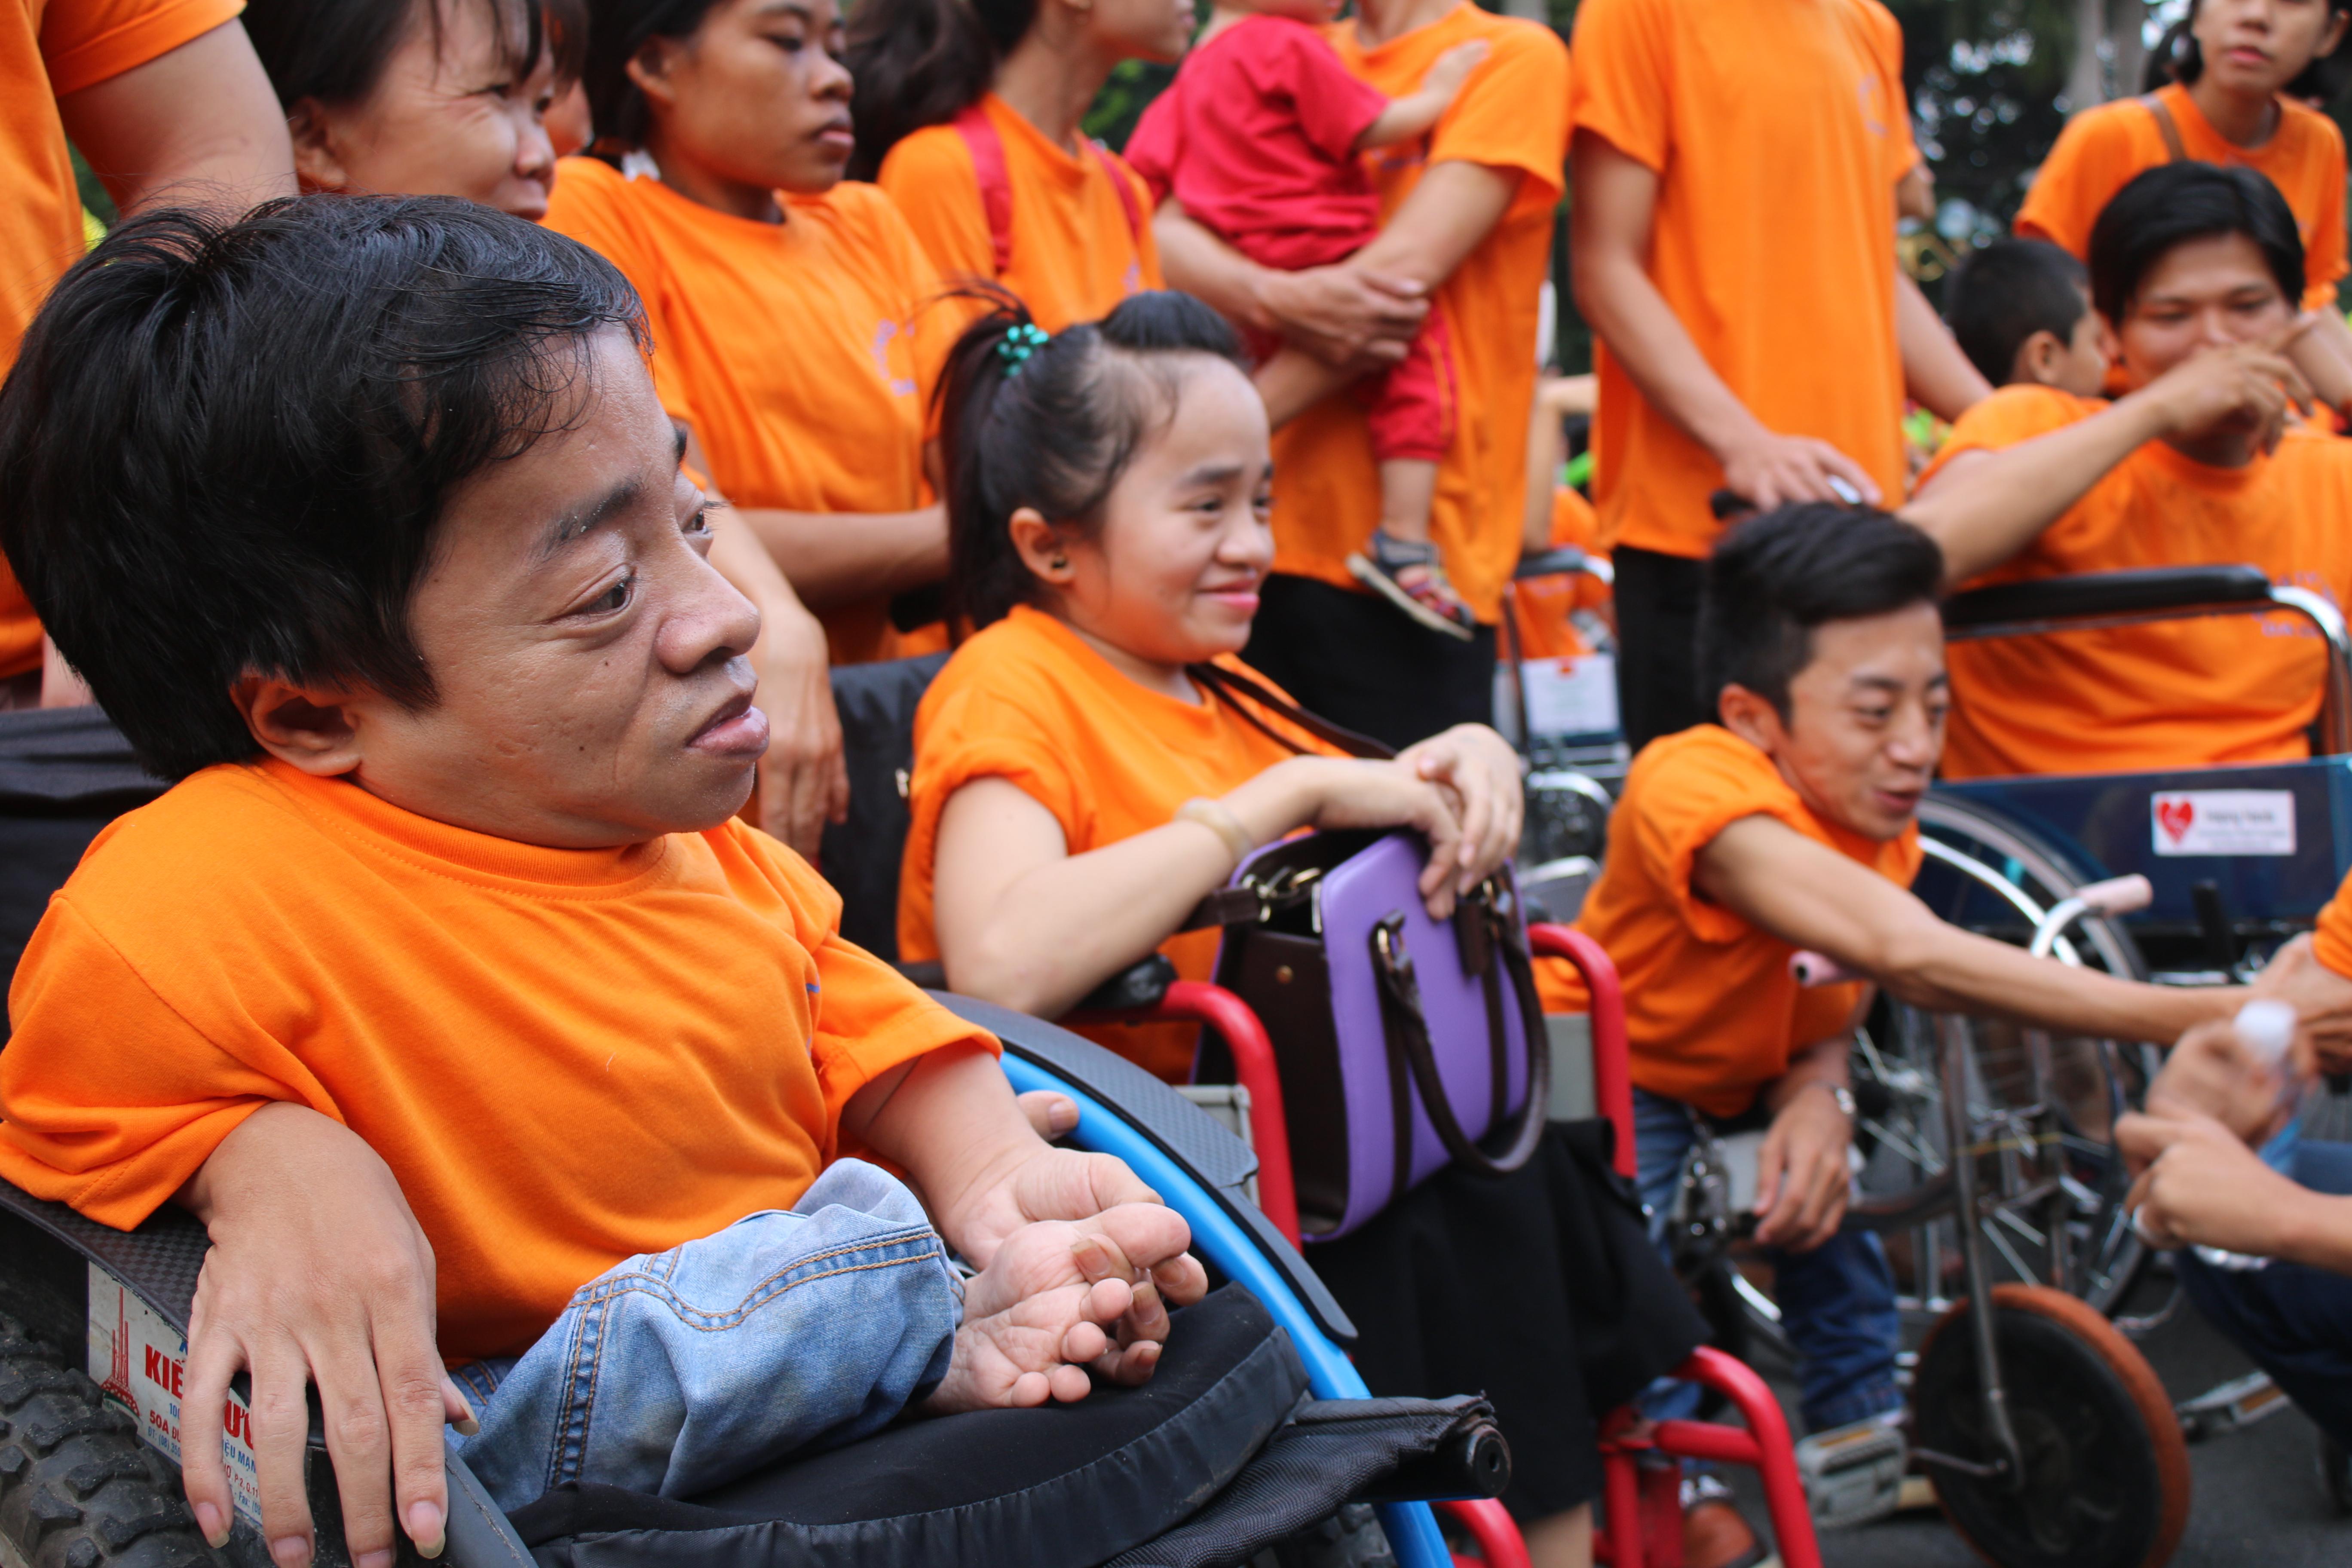 данг тхи нгок тхинь приняла делегацию общества пострадавших от диоксина hinh 0